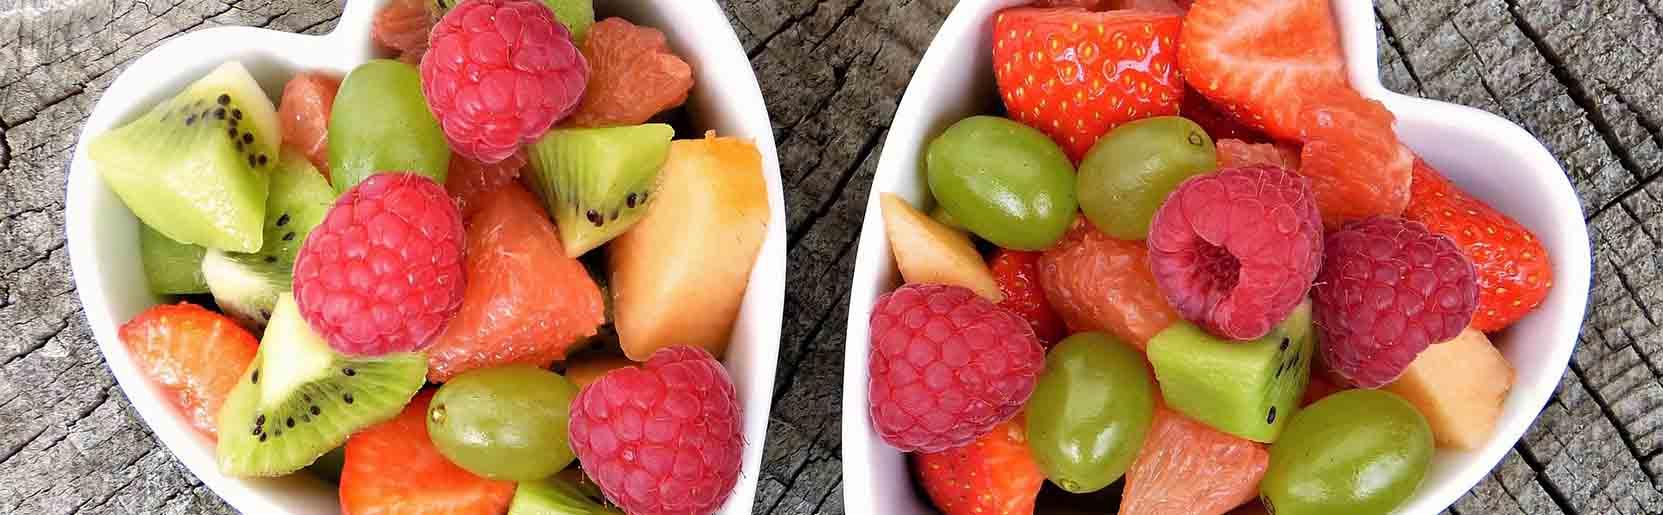 Alimentos que reducen el vientre